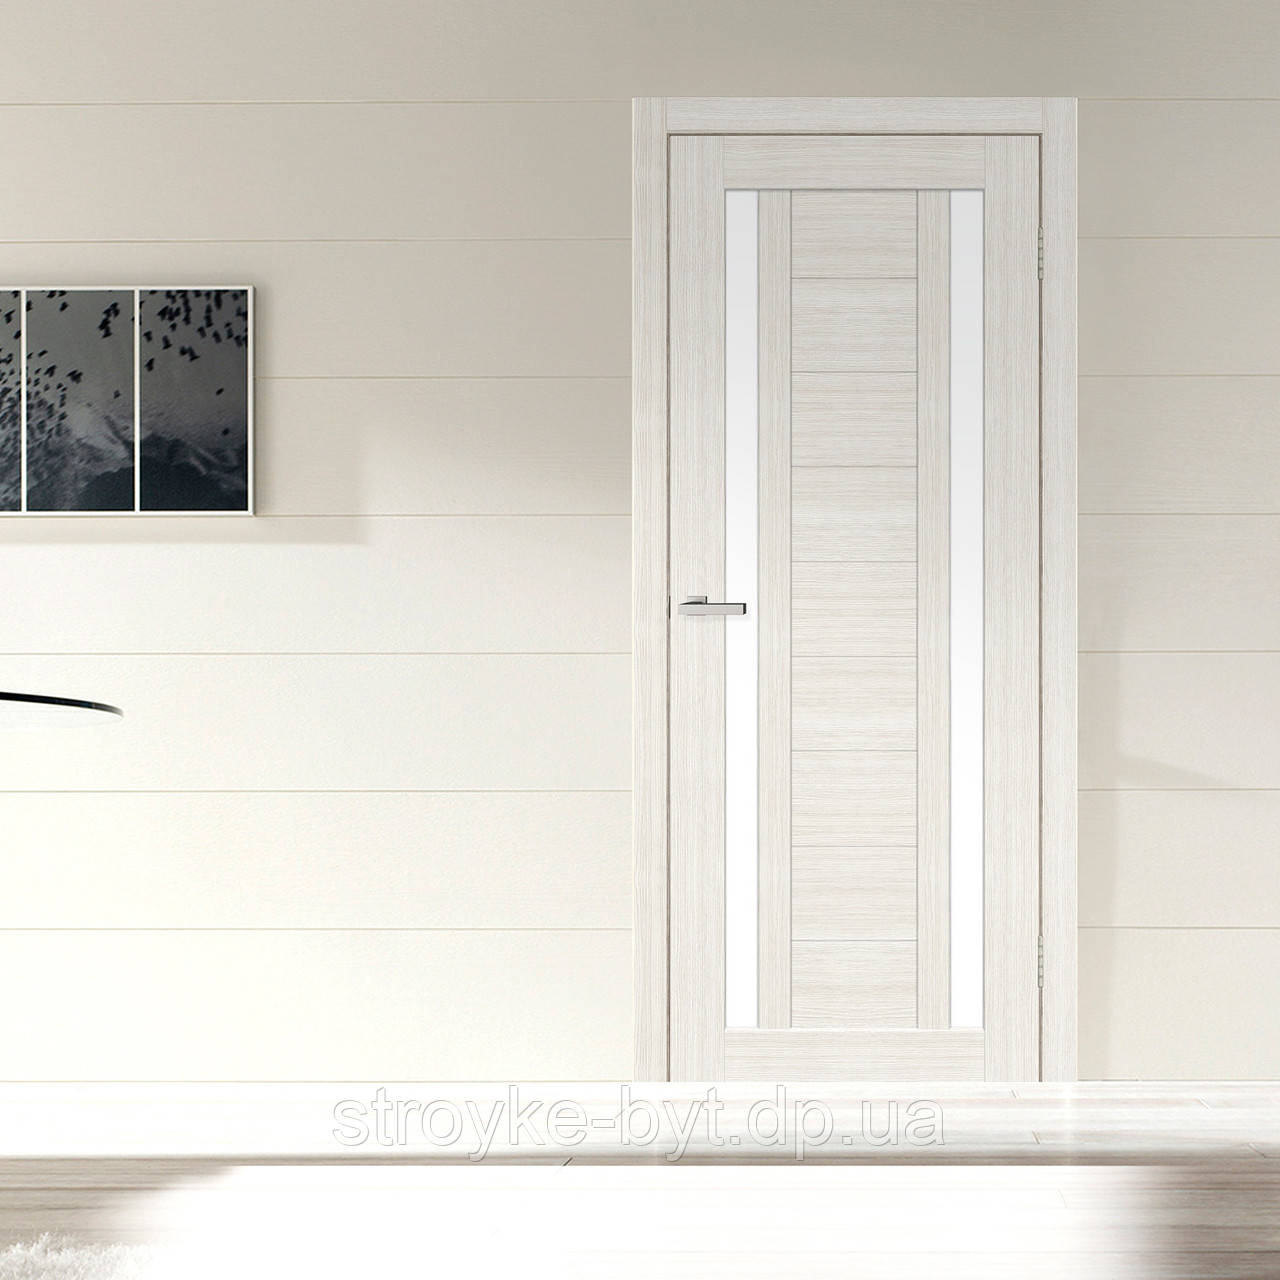 """Дверное полотно Cortex Deco 02 дуб Bianco / дуб Bianco line """"ПО-Сатин"""" """"Омис"""""""